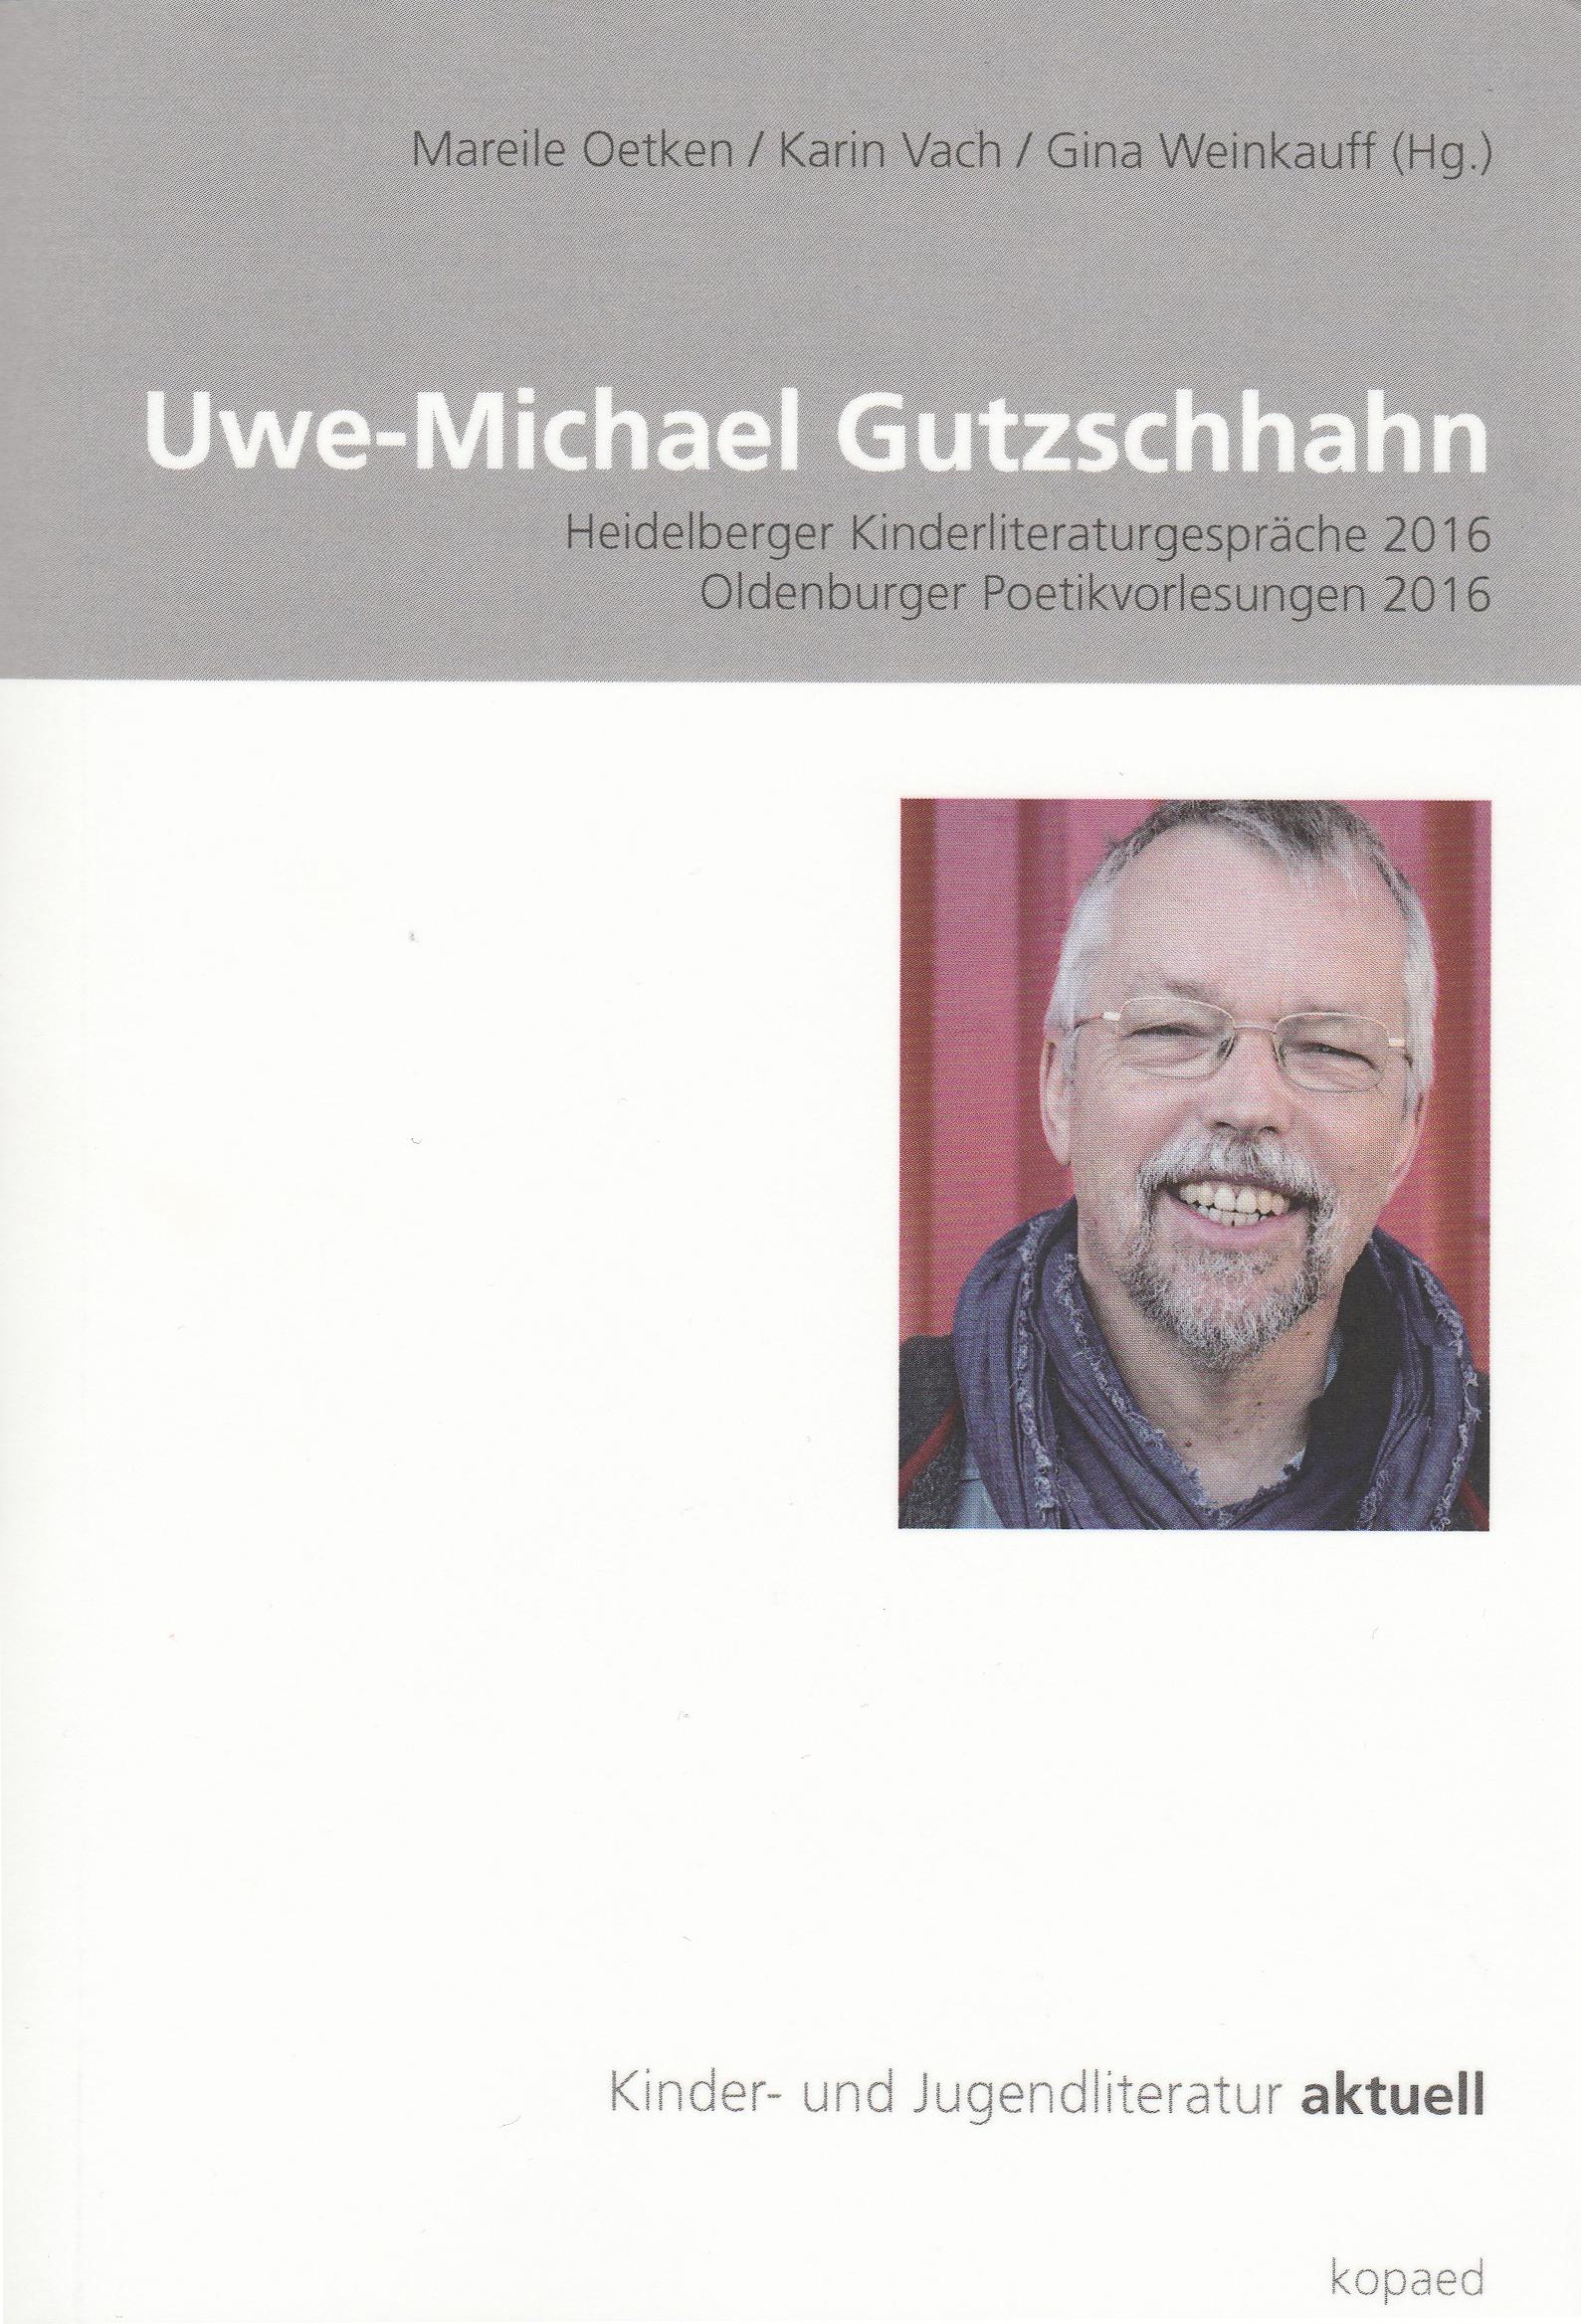 40 Jahre Gutzschhahn